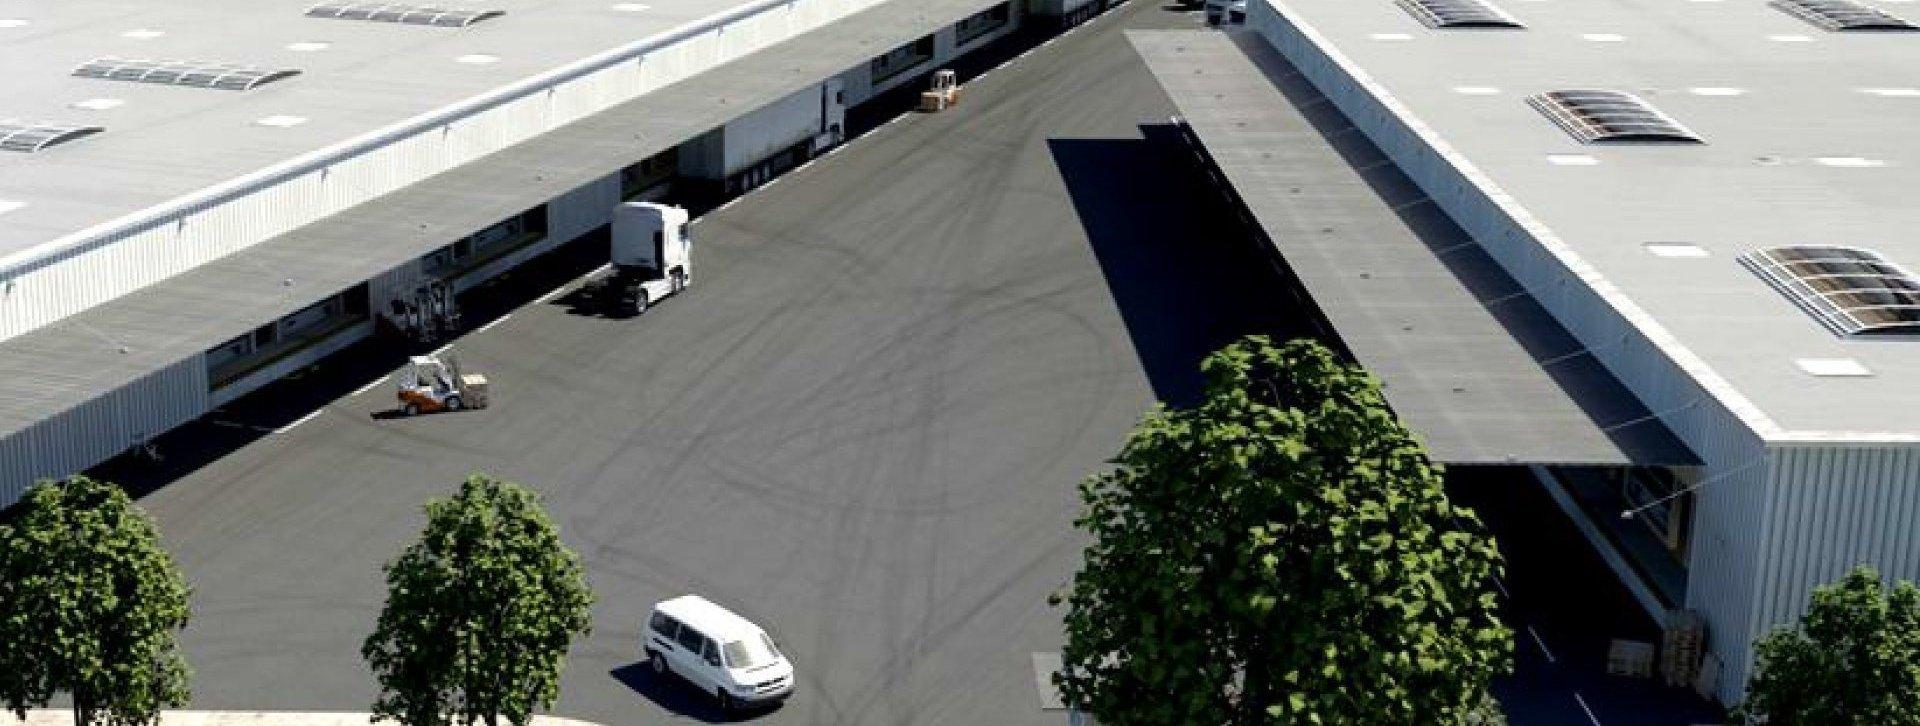 pronajem-moderni-skladove-vyrobni-prostory-3-600-10-800-m2-bilina-bilina-vizualizace-5-e246e2